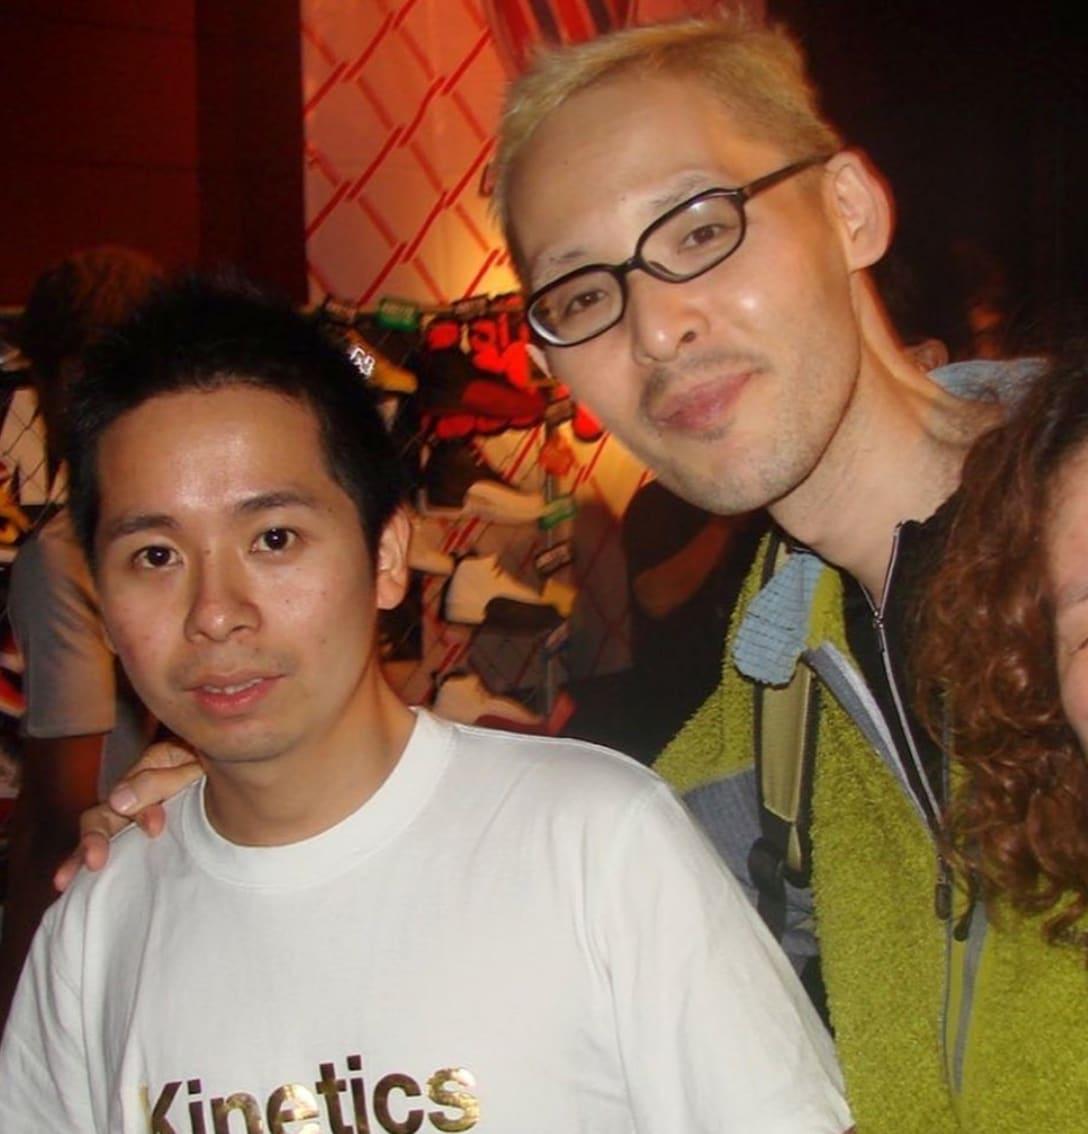 体調が悪かったという2007年の本明氏の写真。写真左はアトモスディレクターの小島奉文氏。 Image by atmos